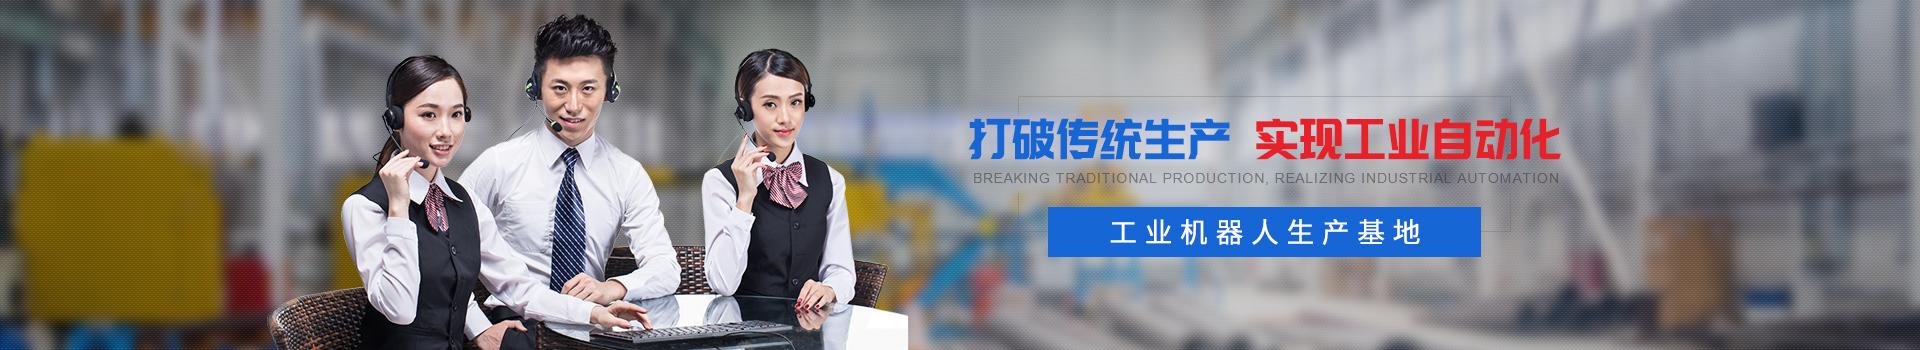 联系悦川:打破传统生产 实现工业自动化,工 业 机 器 人 生 产 基 地